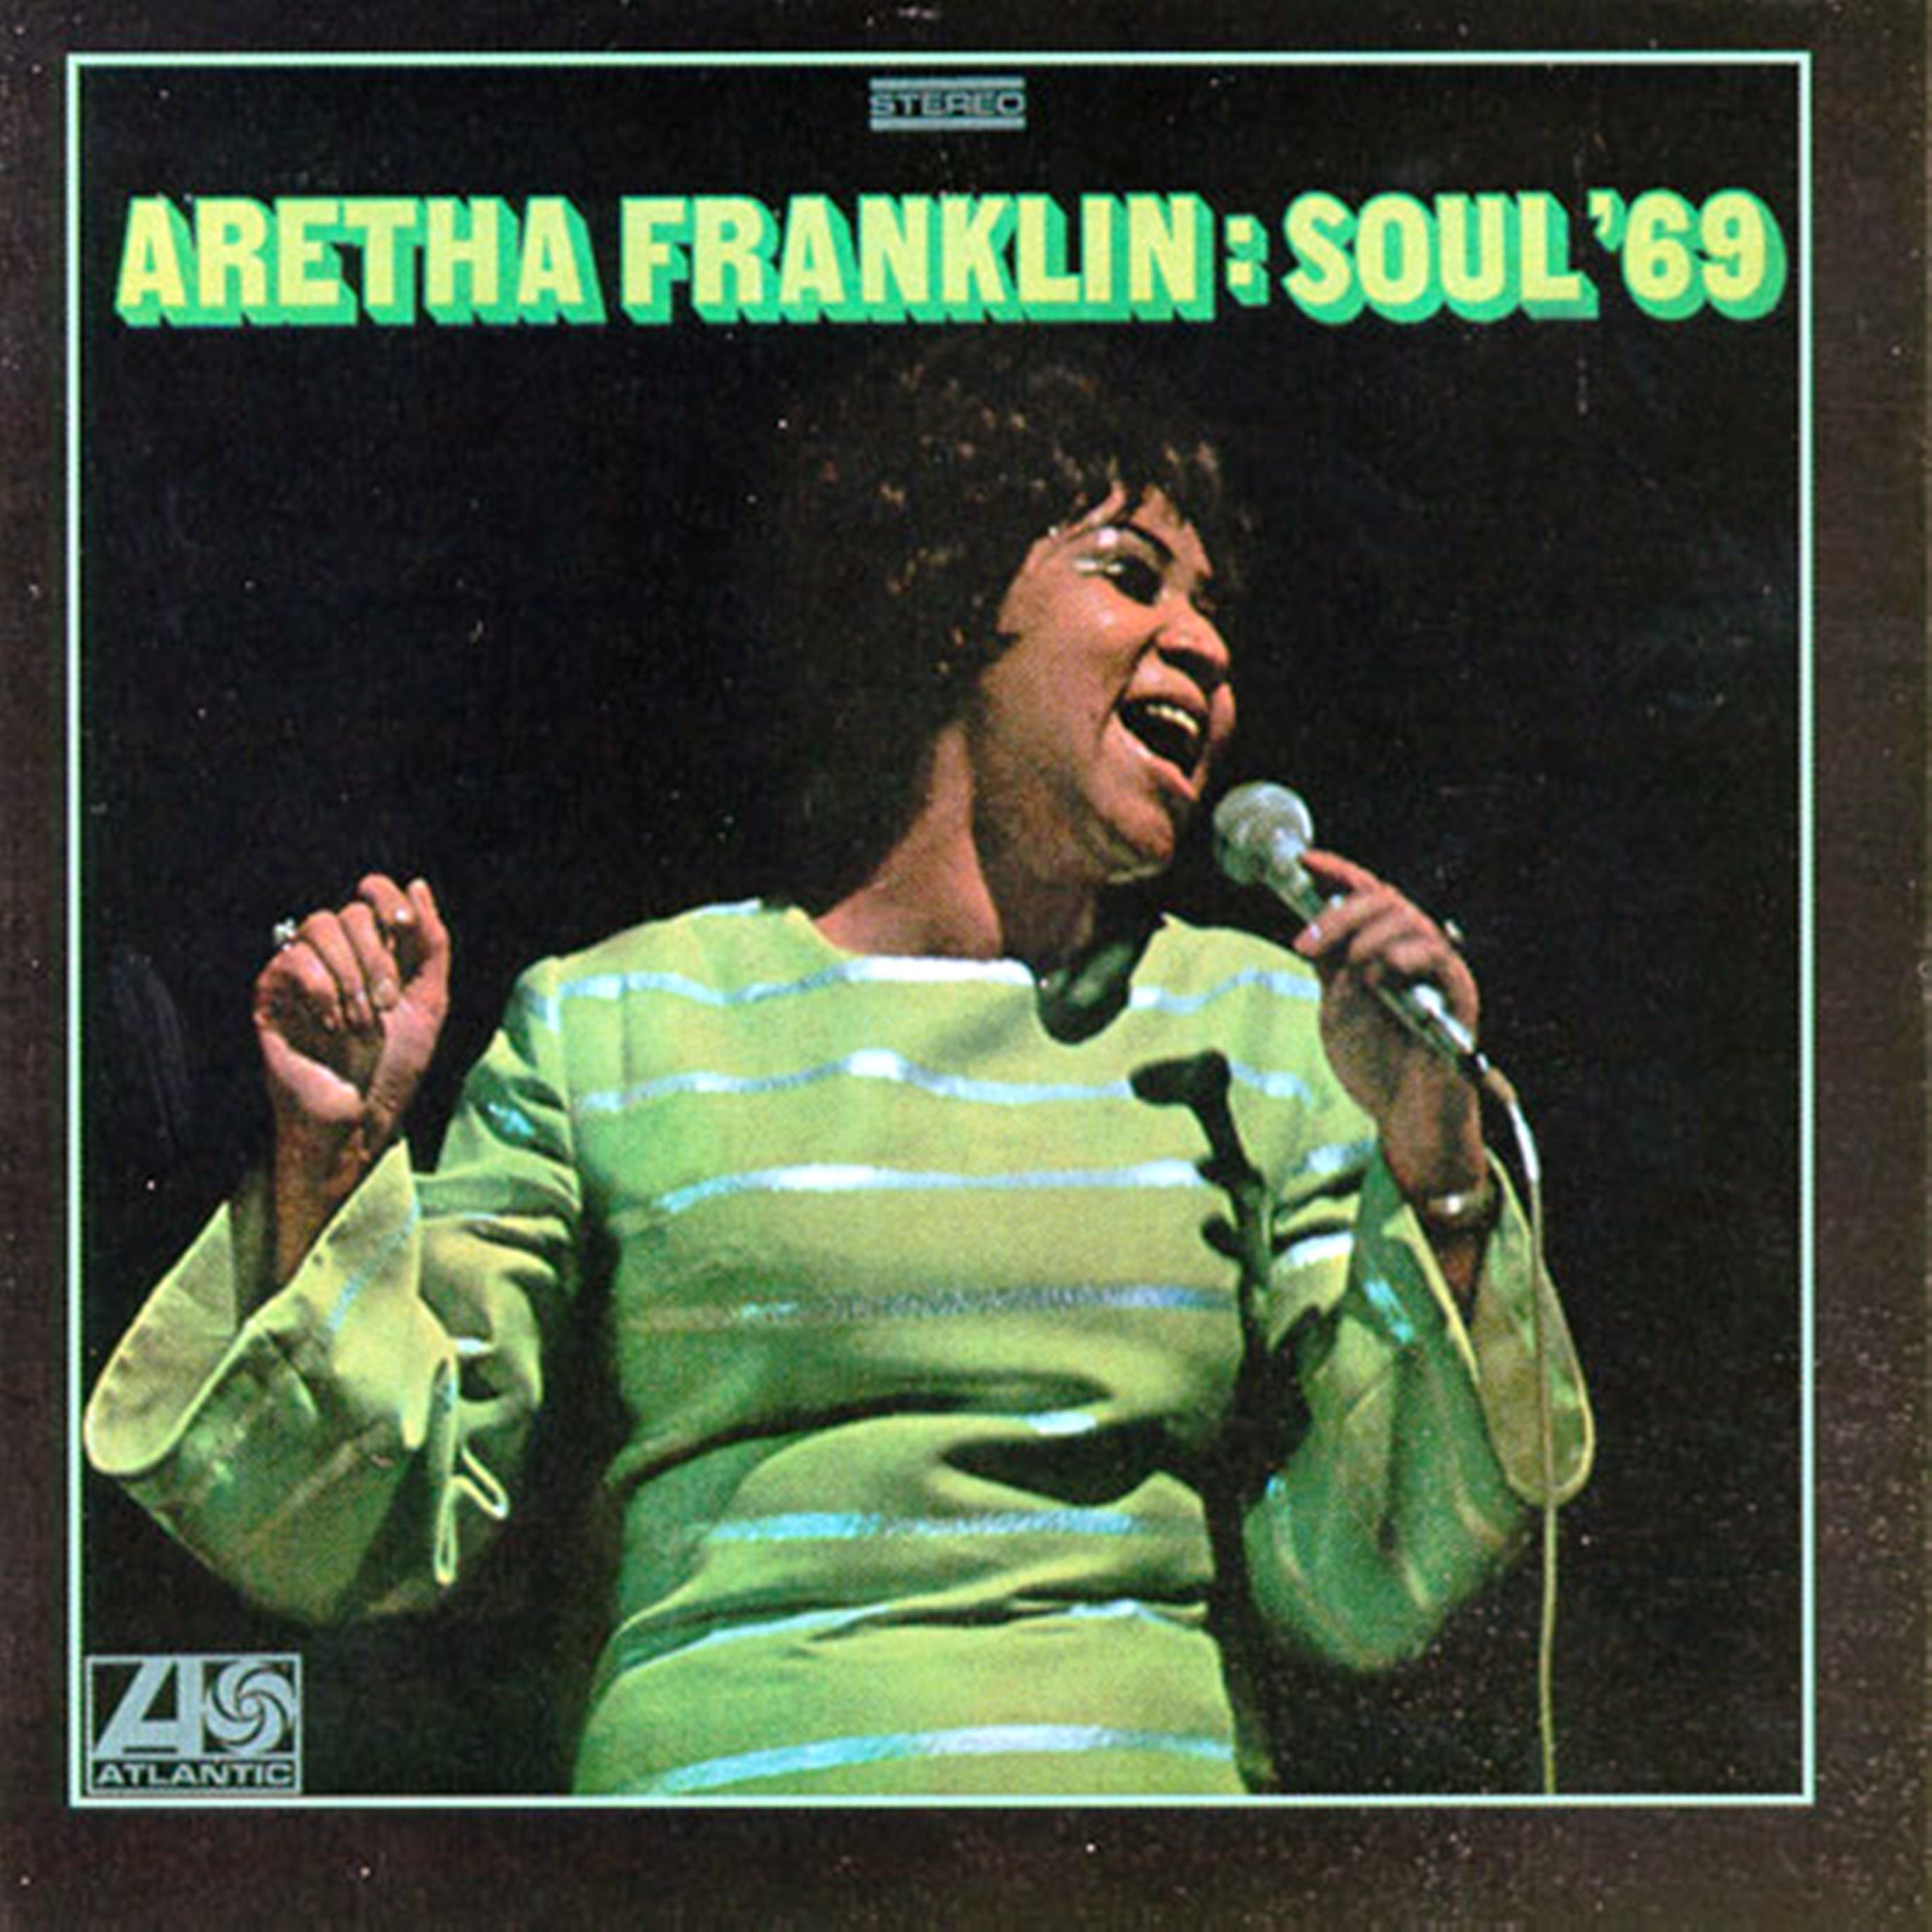 Aretha Franklin soul 69